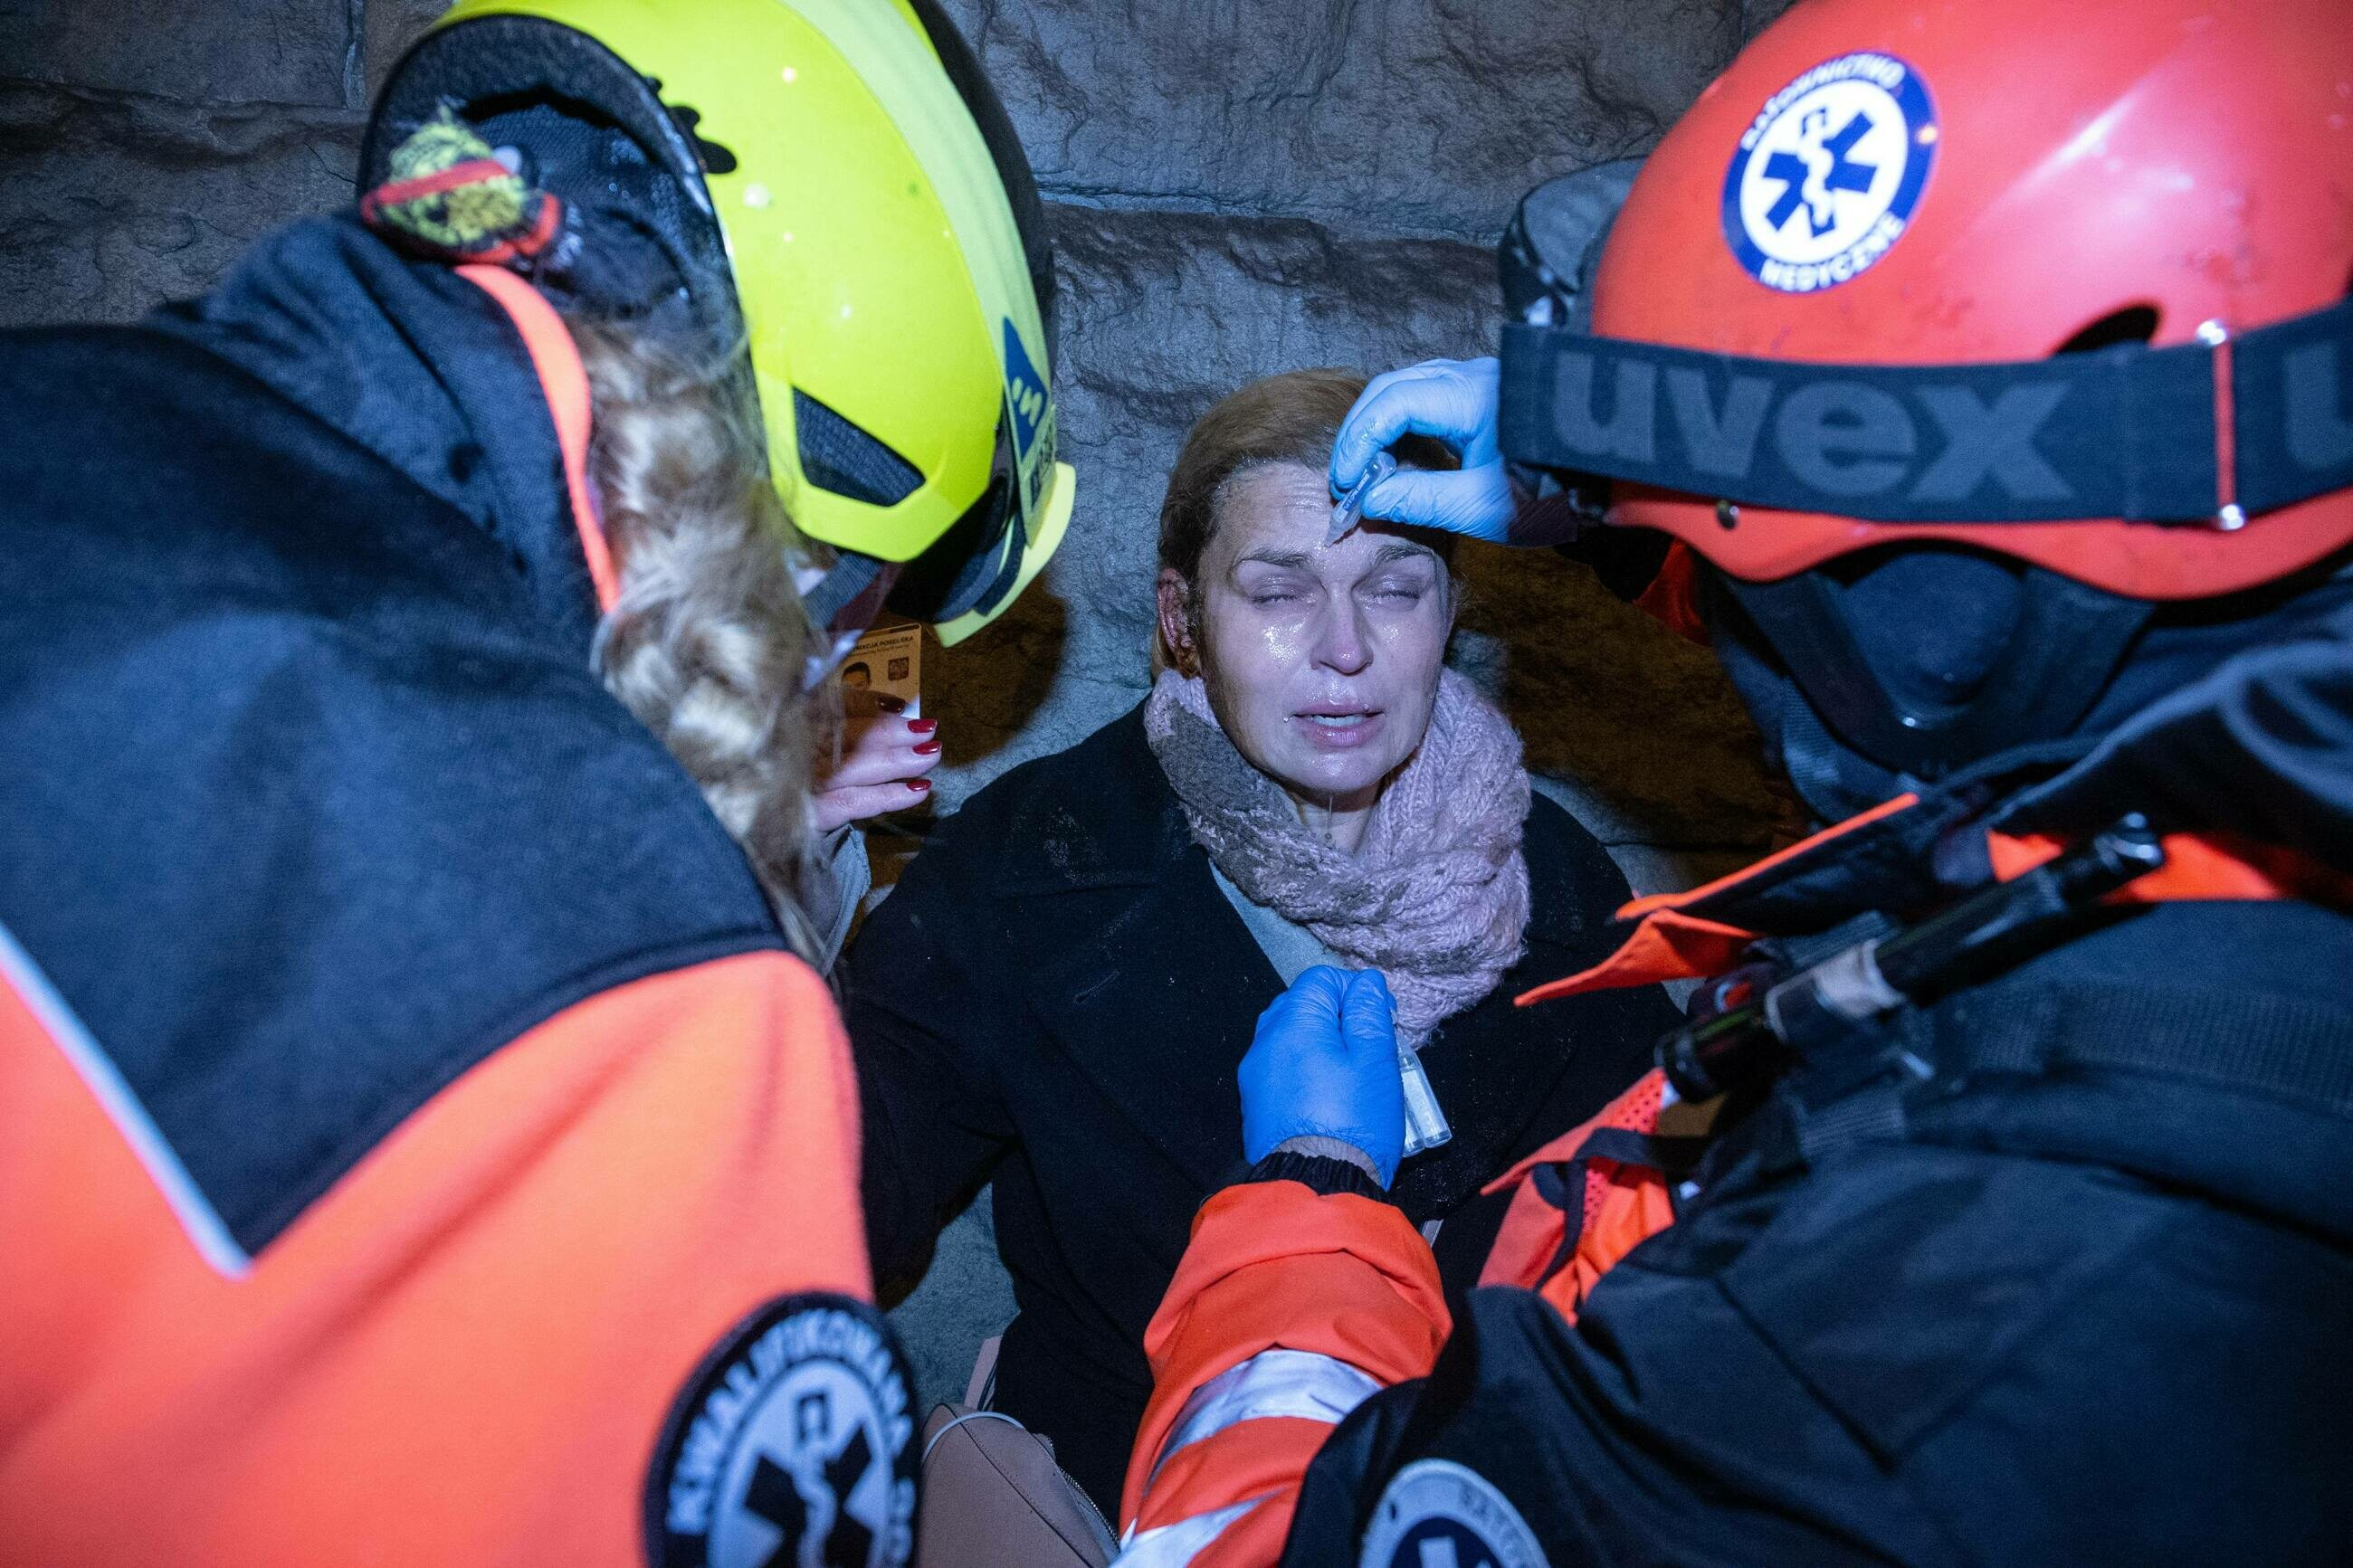 Posłanka Barbara Nowacka została spryskana gazem w oczy